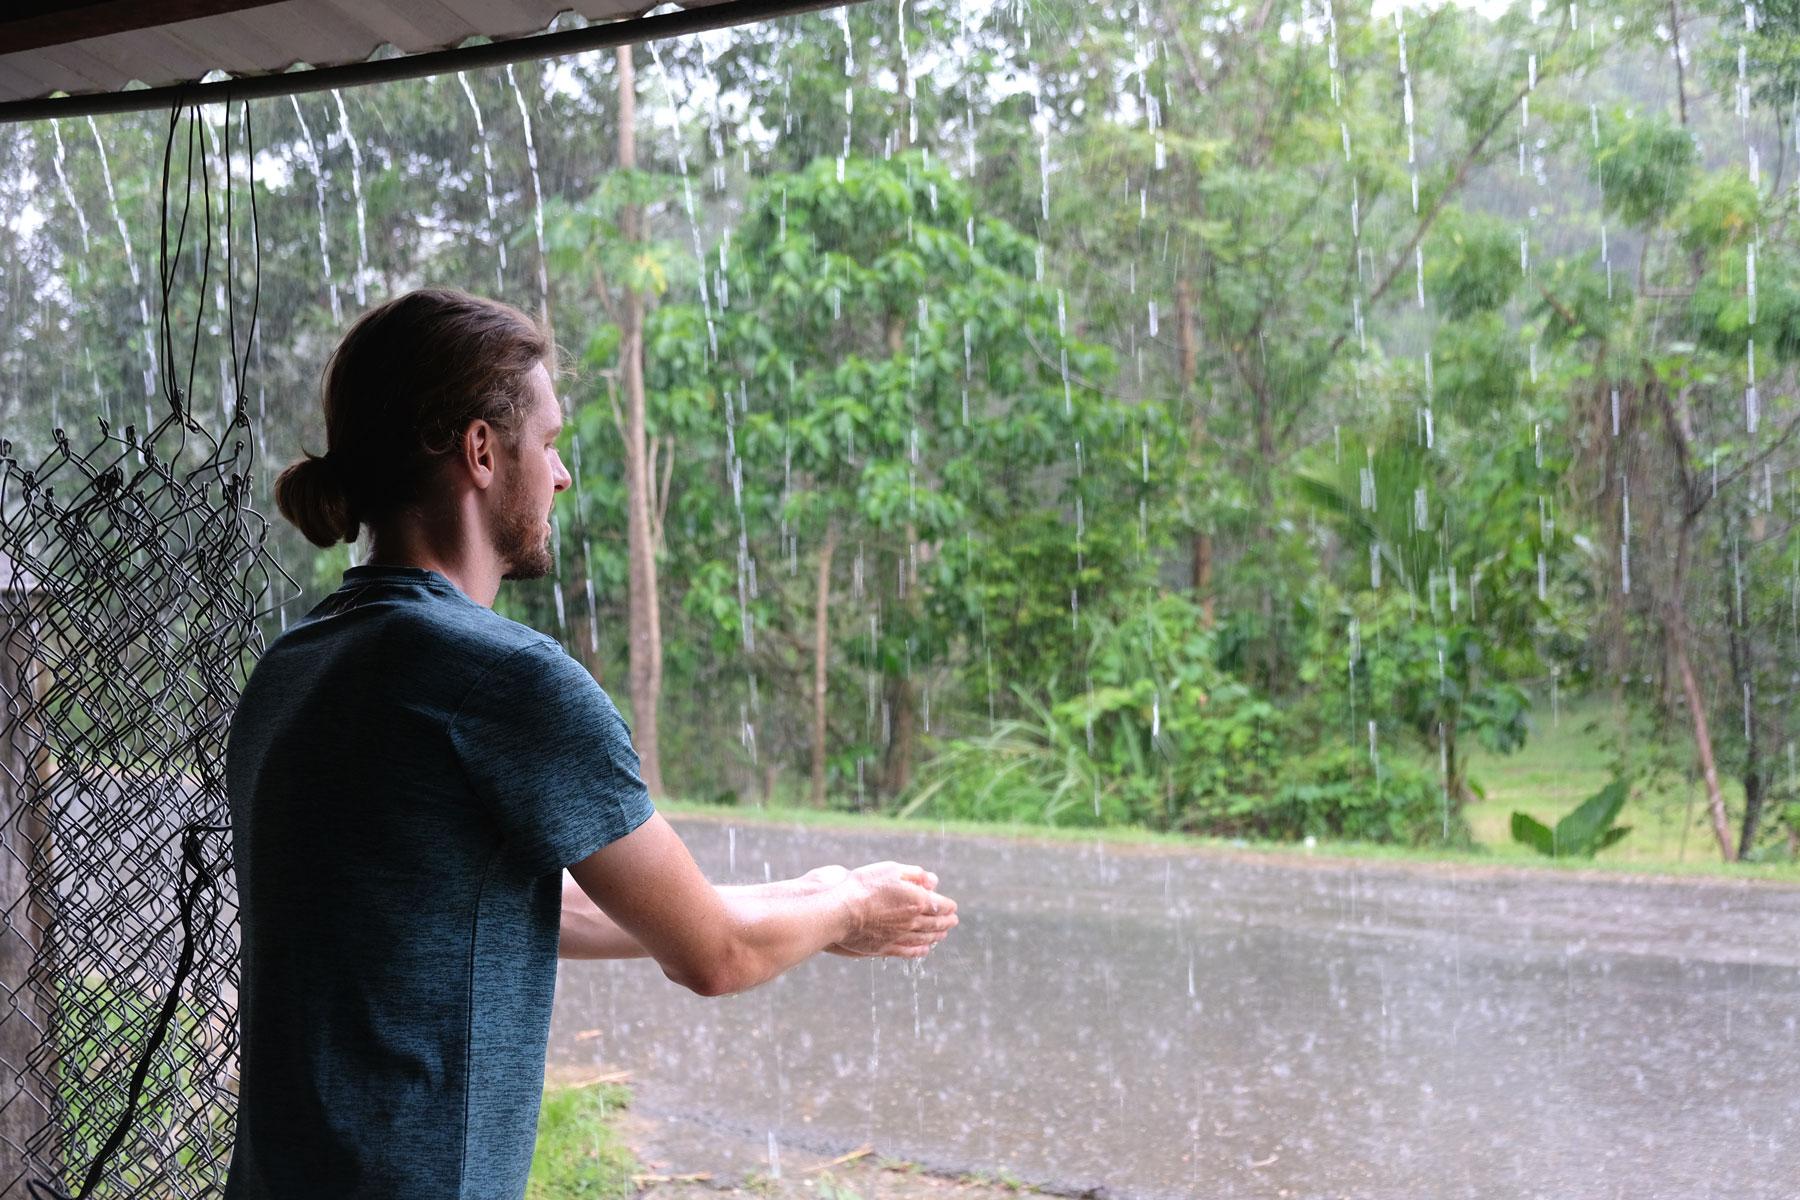 Sebastian steht unter einem Dach und wäscht sich seine Hände am vom Dach strömenden Regenwasser.